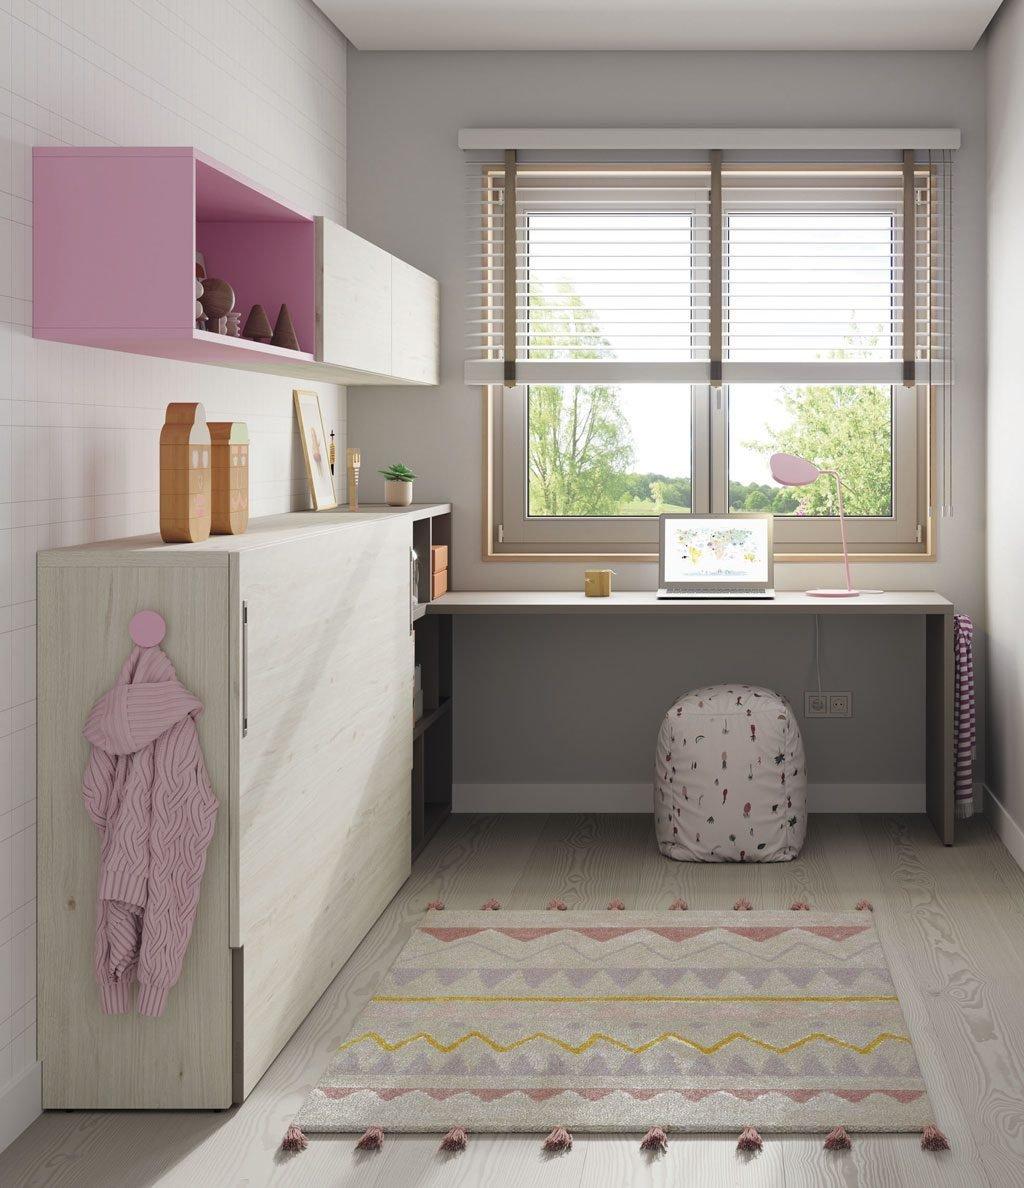 Detalle lateral de la habitación con la cama abatible horizontal